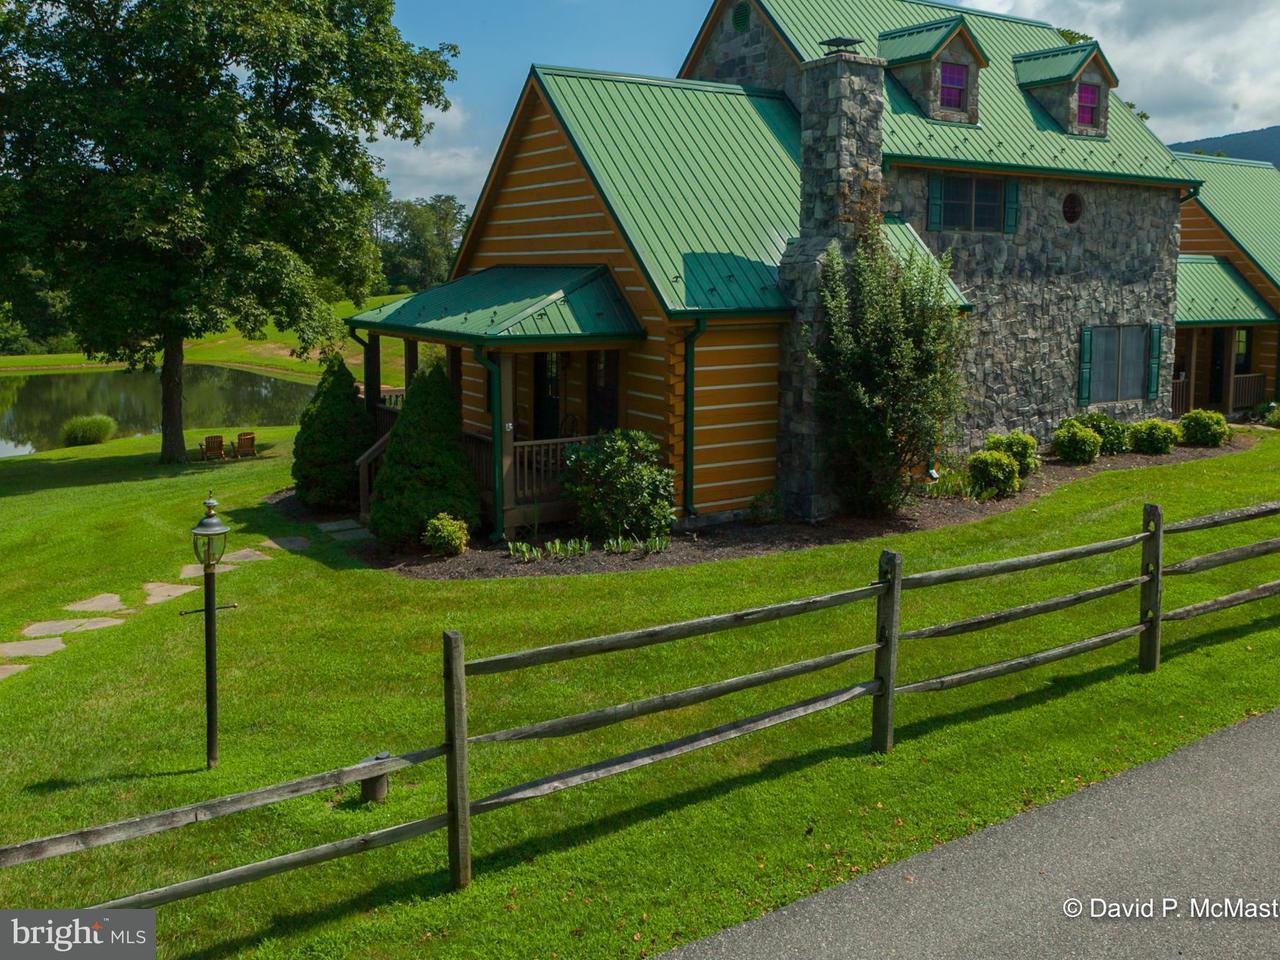 独户住宅 为 销售 在 SONGBIRD Lane SONGBIRD Lane 伯克利斯普林斯, 西弗吉尼亚州 25411 美国